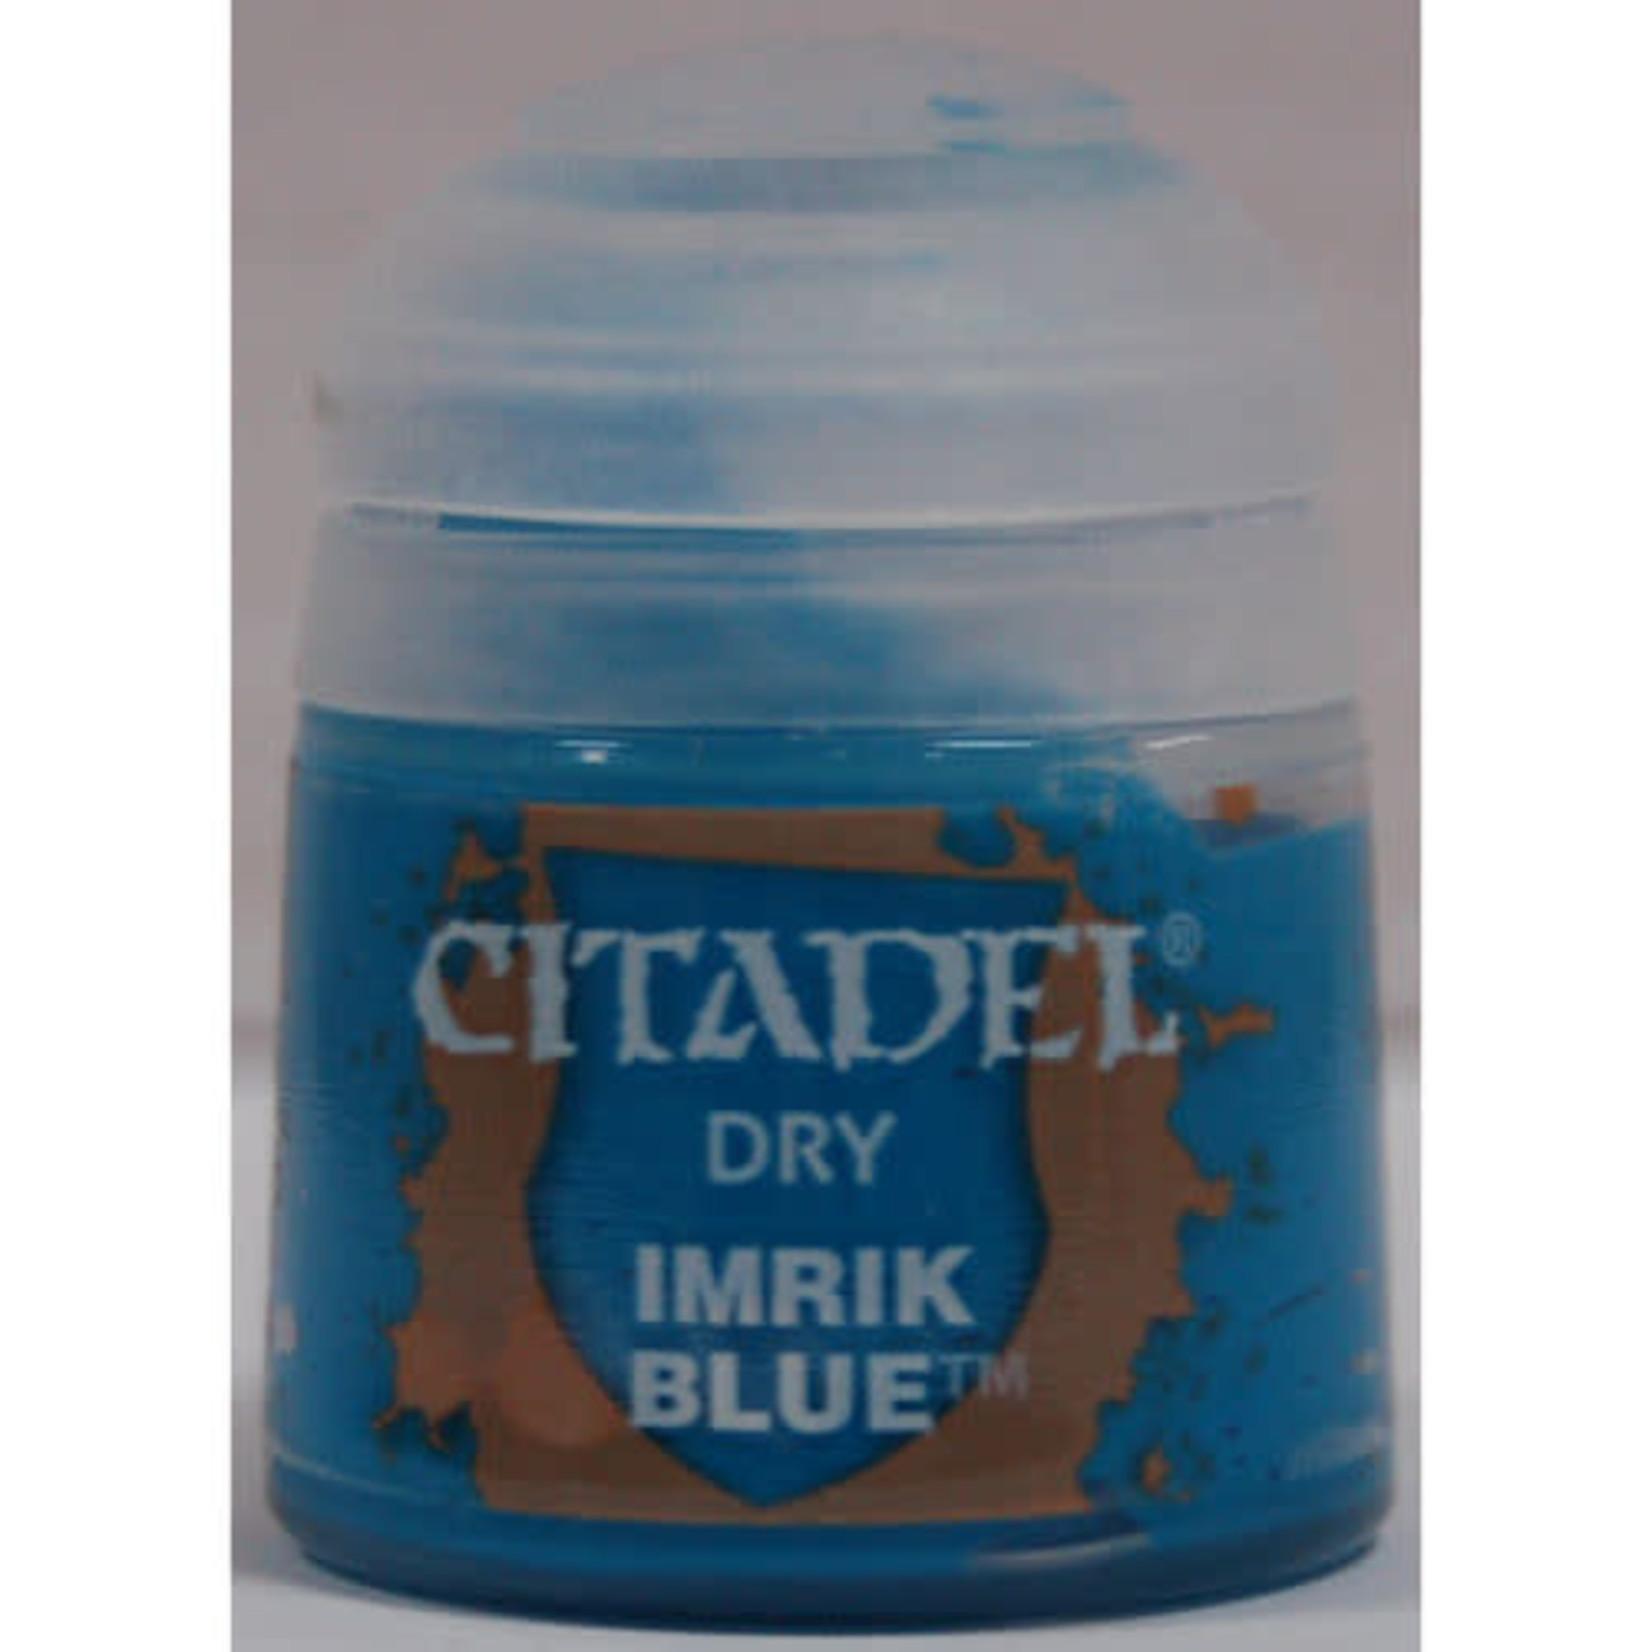 Citadel Citadel Paint - Dry: Imrik Blue